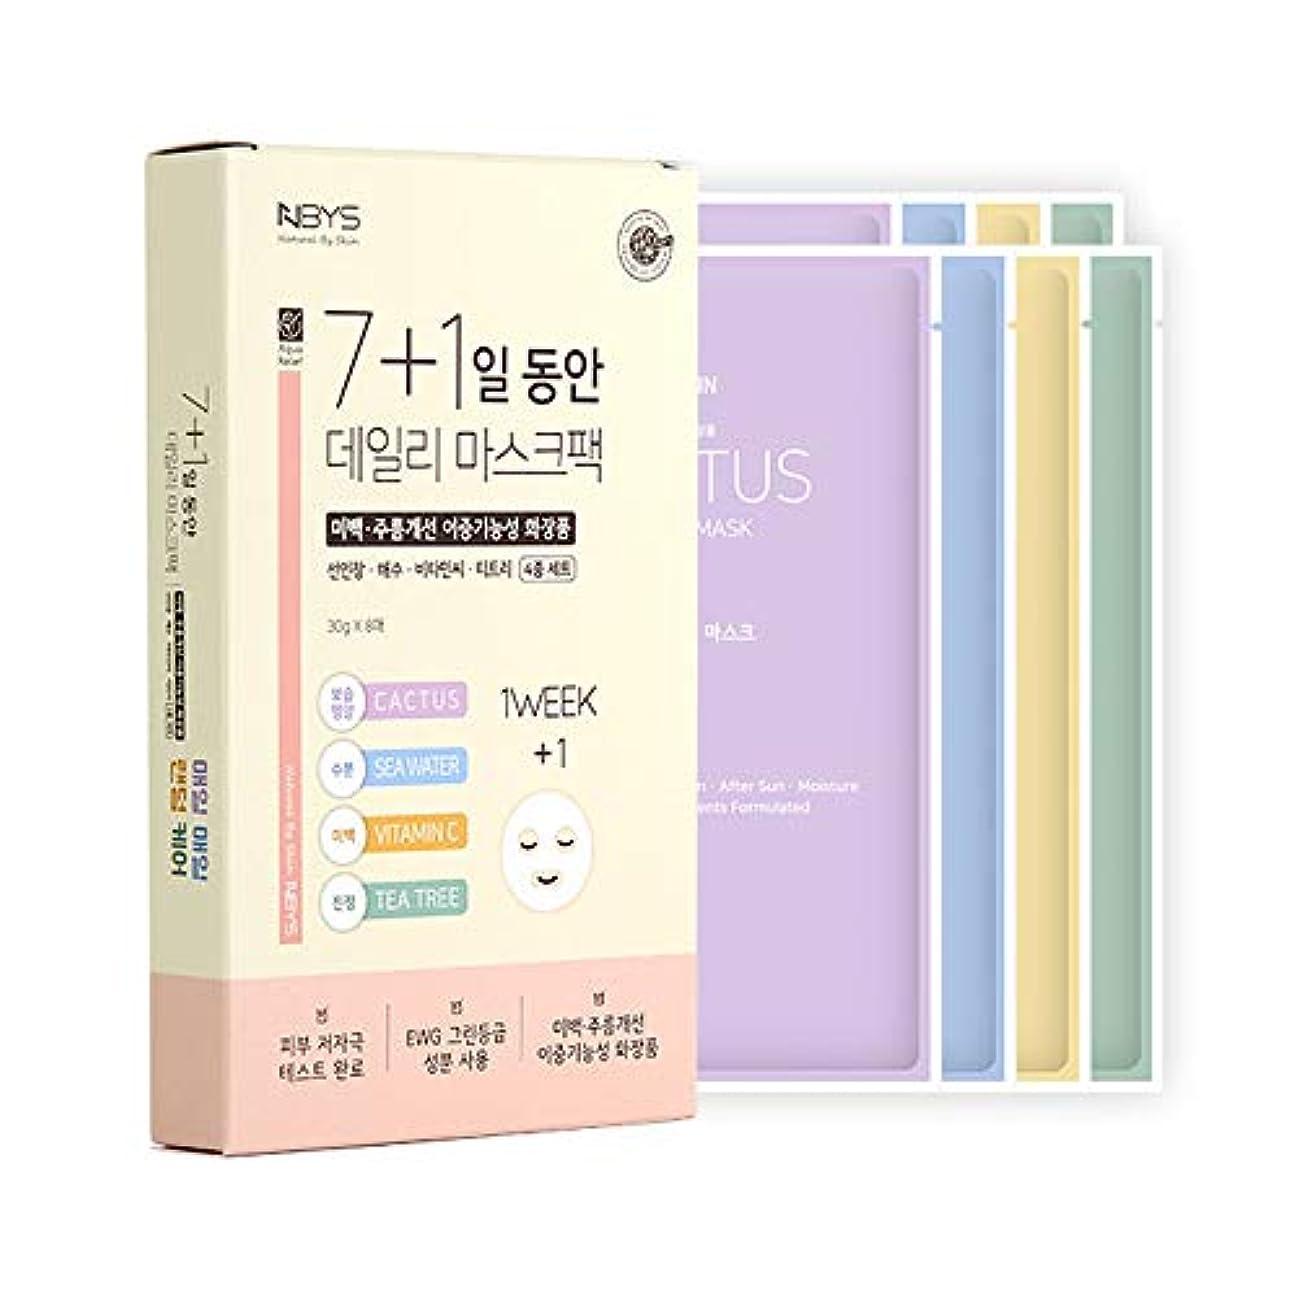 はっきりとエリートアソシエイト[NBYS] 7+1 NBYS RE Your Skin Mask フェイスパック 8枚セット [並行輸入品]